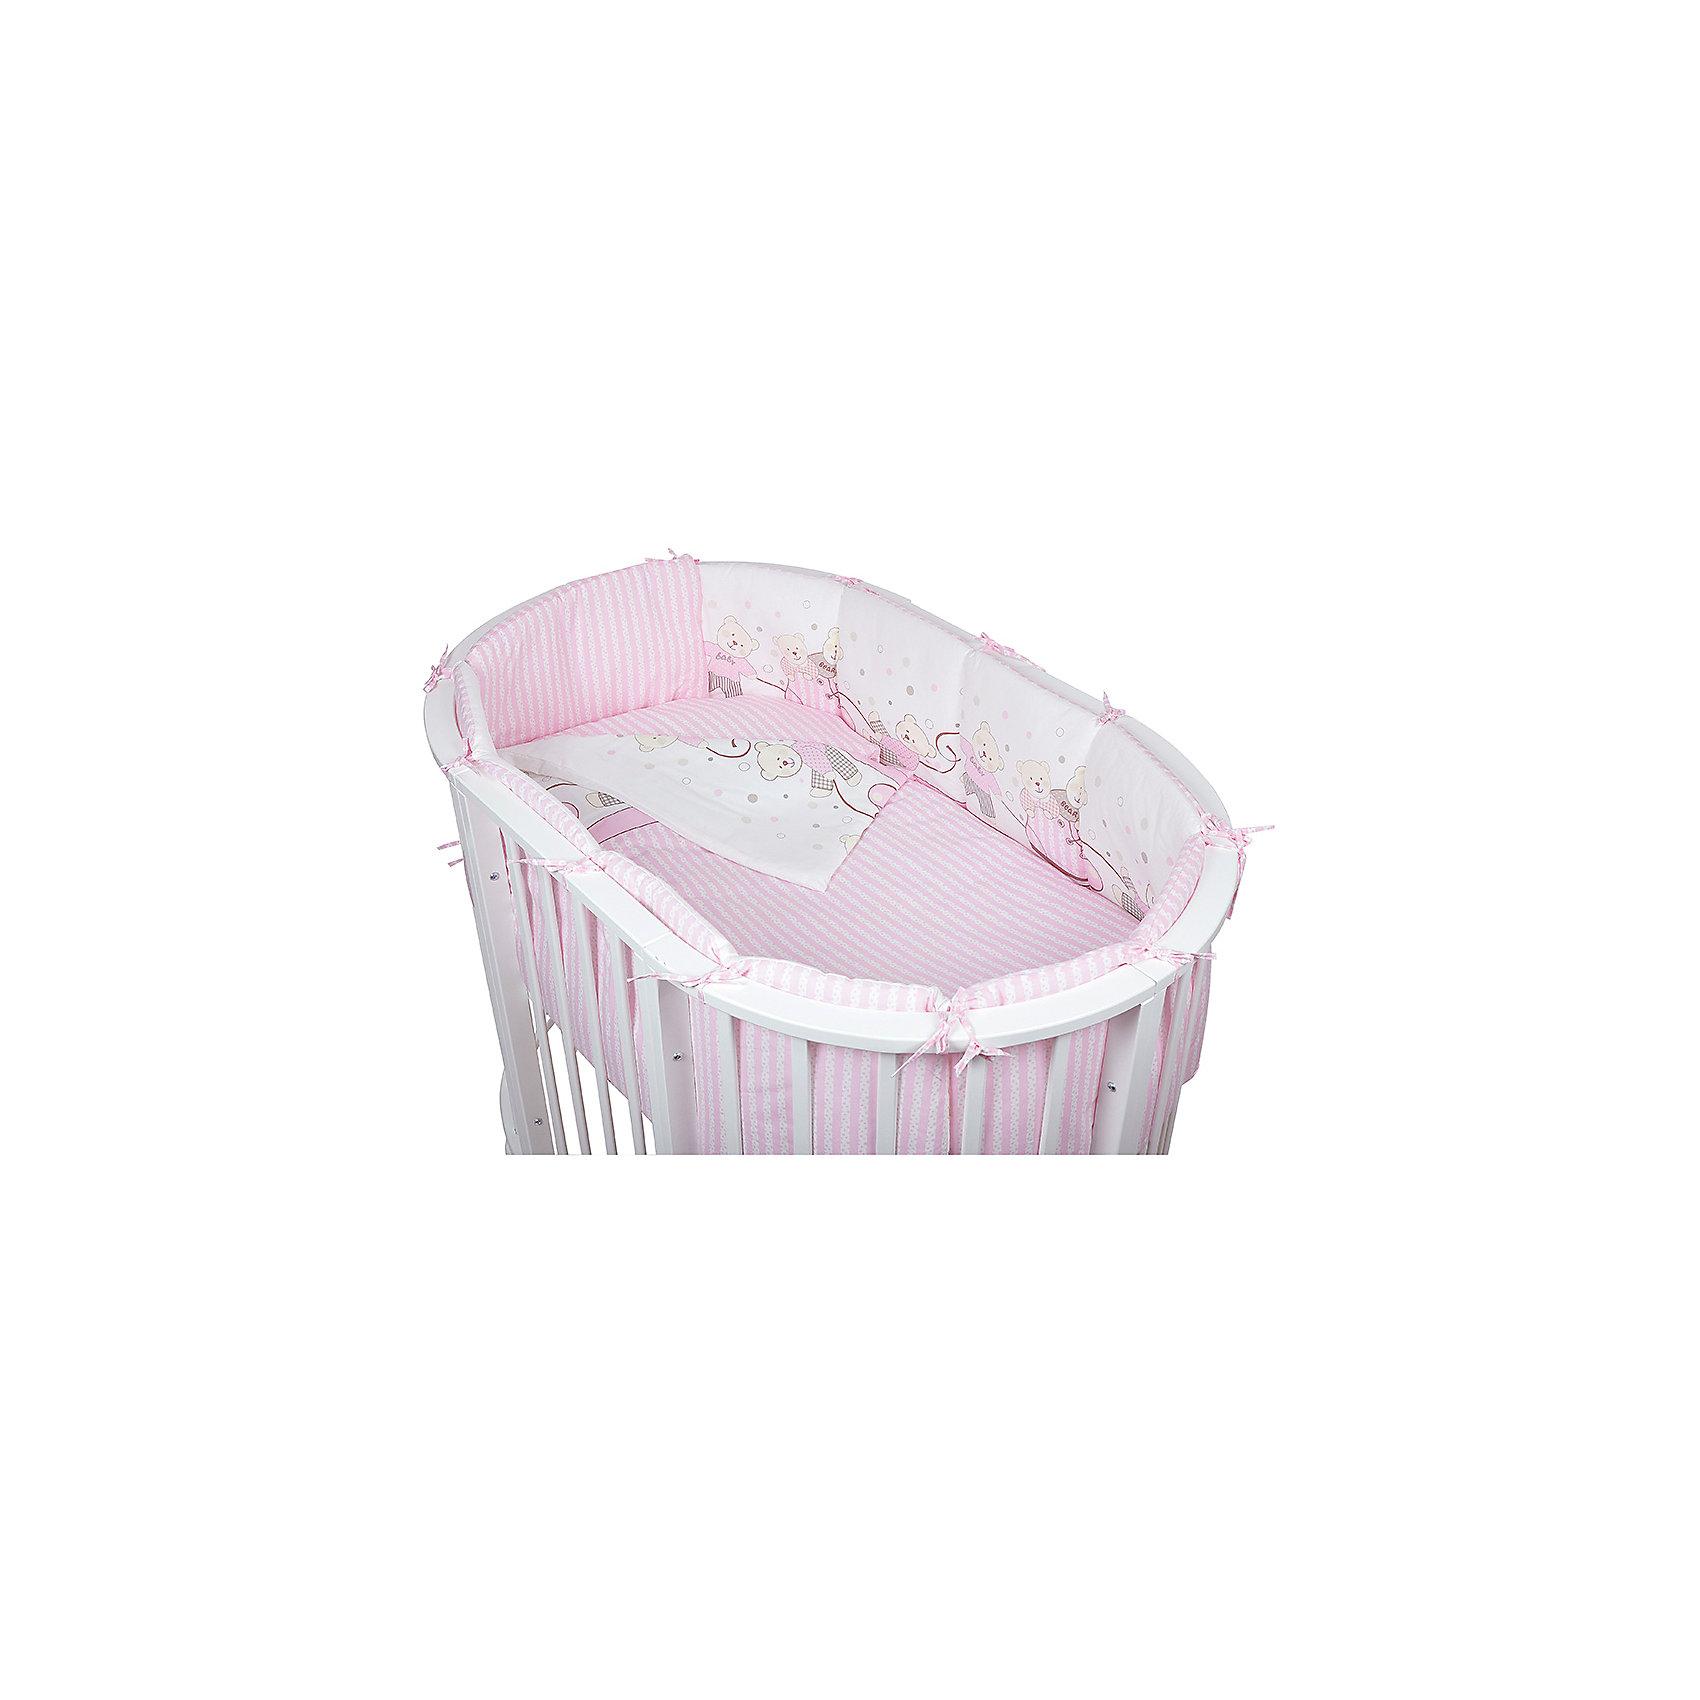 Постельное белье для овальной кроватки Мишки, 6 пред., Pituso, розовыйПостельное бельё<br>Характеристики товара:<br><br>• возраст с рождения;<br>• материал: бязь, хлопок;<br>• бортик в кроватку 120х60 см<br>• пододеяльник 147х112 см<br>• наволочка 60х40 см<br>• простыня на резинке 100х150 см<br>• одеяло 140х110 см<br>• подушка 60х40 см;<br>• размер упаковки 59х45х28 см;<br>• вес упаковки 2,8 кг;<br>• страна производитель: Россия.<br><br>Постельное белье для овальной кроватки Мишки Pituso розовое обеспечит крохе уют и спокойный сон. Наполнитель является экологическим и безопасным для детей, он пропускает воздух, не вызывает аллергических реакций, в нем не заводятся вредные микроорганизмы. Изготовлен комплект из натурального мягкого хлопка, который легко стирается, не теряет цвет.<br><br>Постельное белье для овальной кроватки Мишки Pituso розовое 6 предметов можно приобрести в нашем интернет-магазине.<br><br>Ширина мм: 590<br>Глубина мм: 450<br>Высота мм: 280<br>Вес г: 2800<br>Возраст от месяцев: 0<br>Возраст до месяцев: 36<br>Пол: Унисекс<br>Возраст: Детский<br>SKU: 5563669